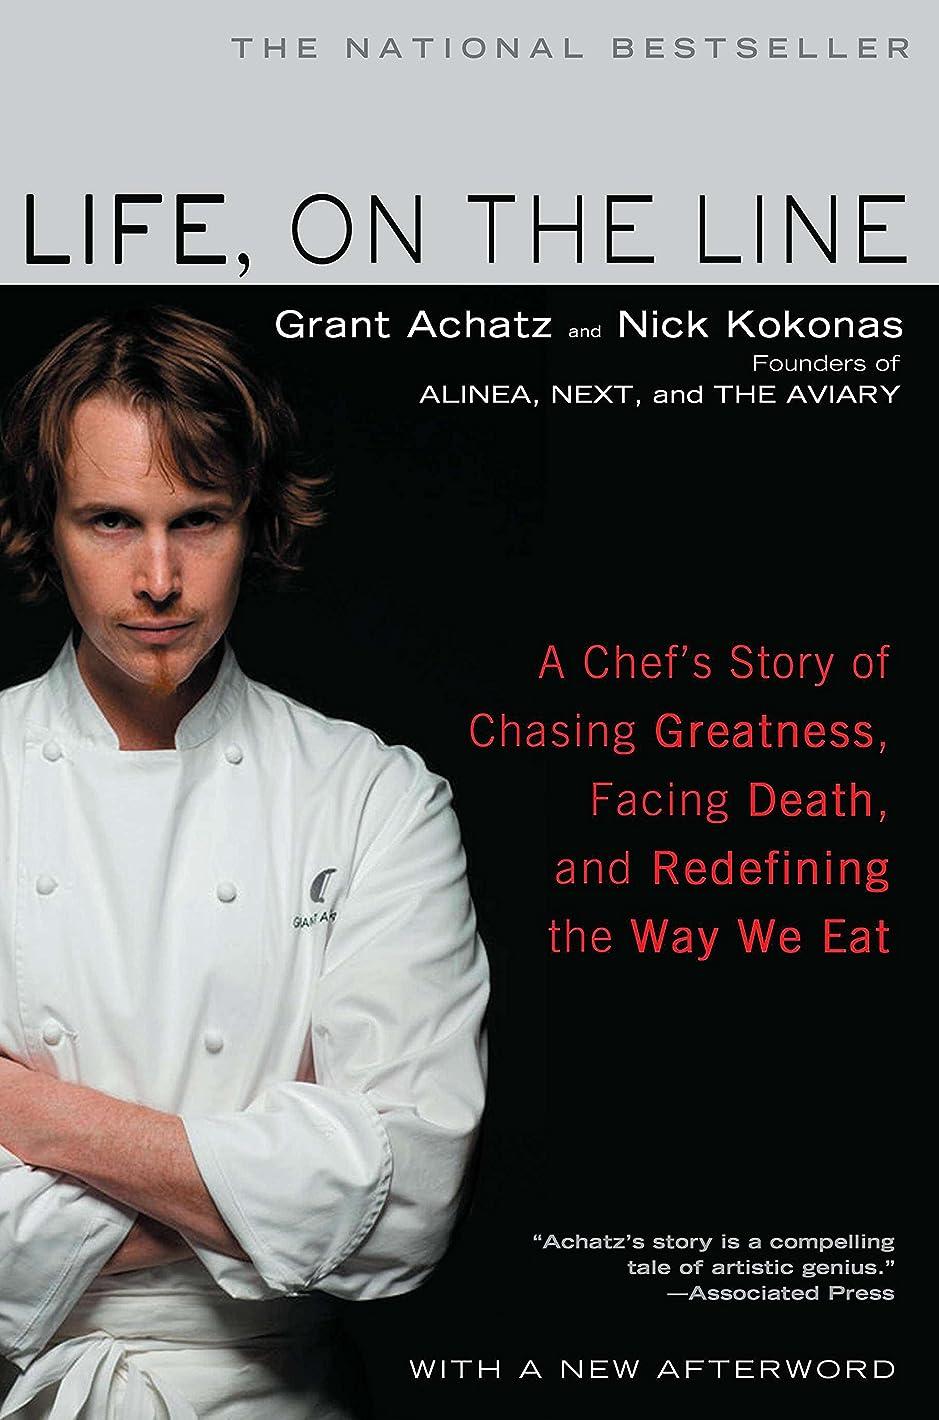 会社フラフープ感度Life, on the Line: A Chef's Story of Chasing Greatness, Facing Death, and Redefining the Way We Eat (English Edition)